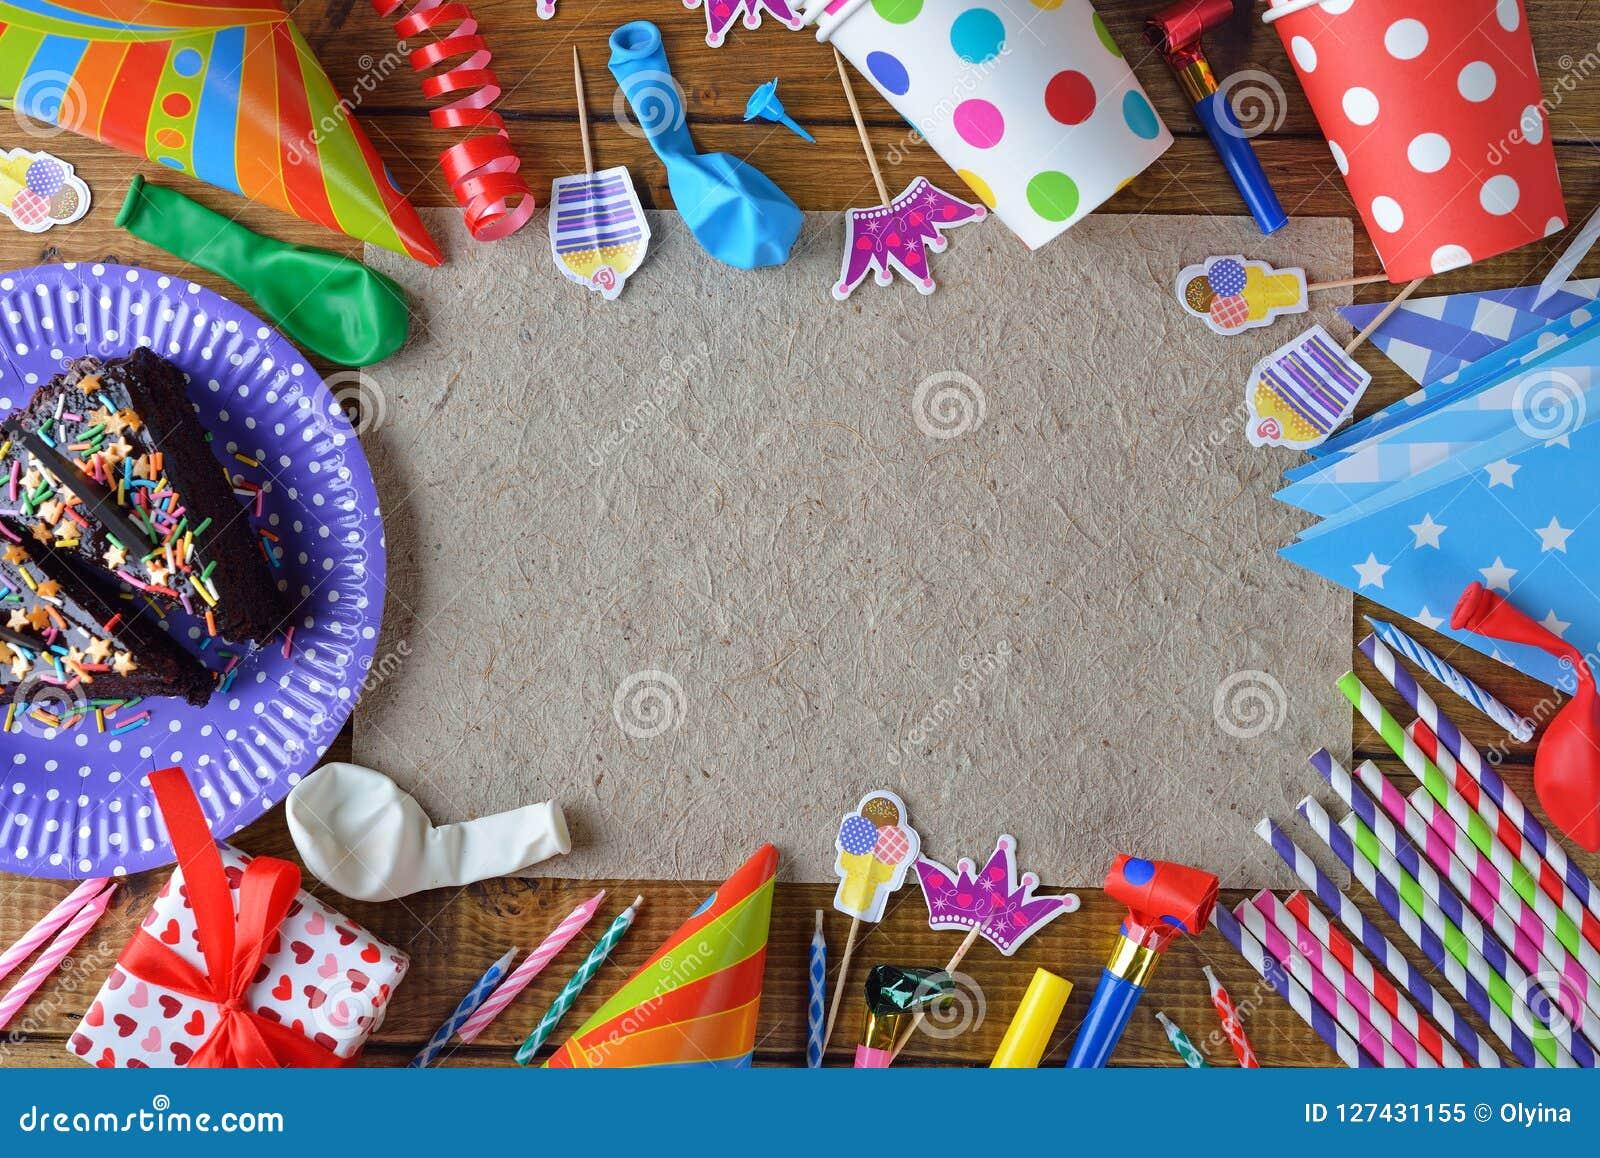 41c7d006819f Accesorios Para Las Fiestas De Cumpleaños Imagen de archivo - Imagen ...